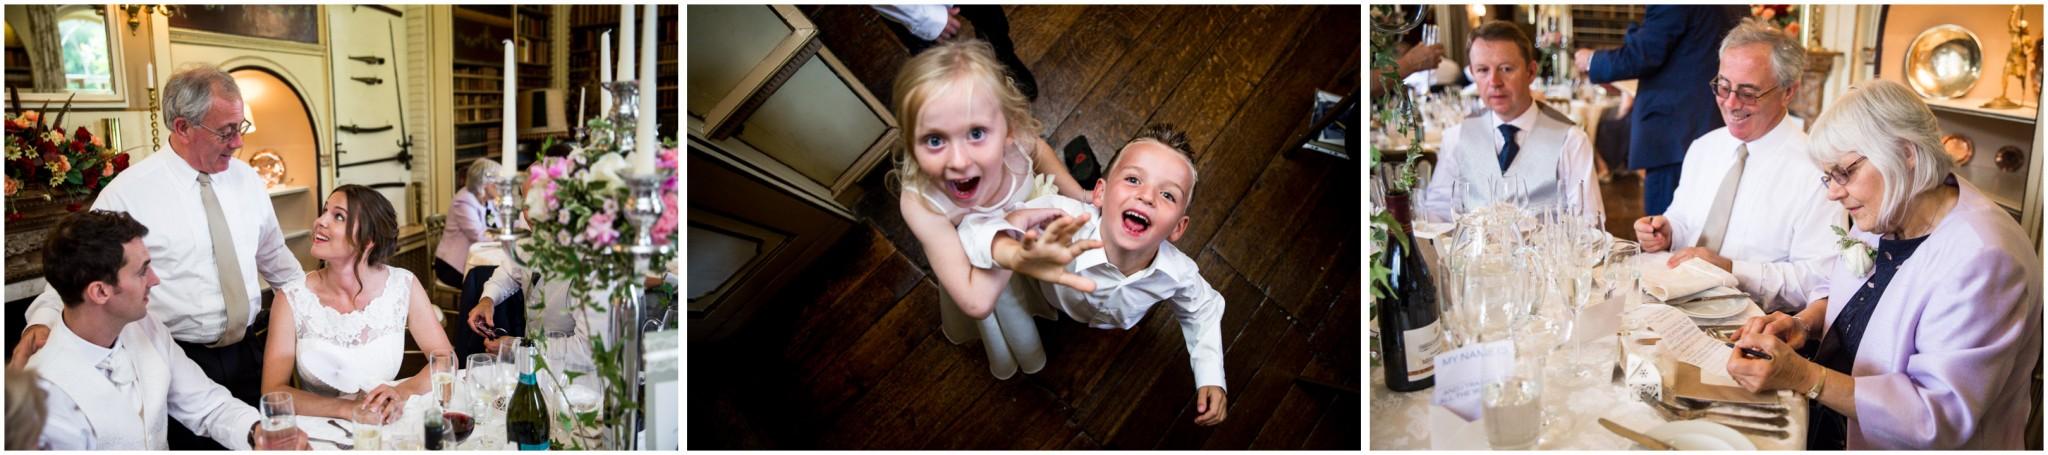 Avington Park Wedding Children Before the Wedding Breakfast